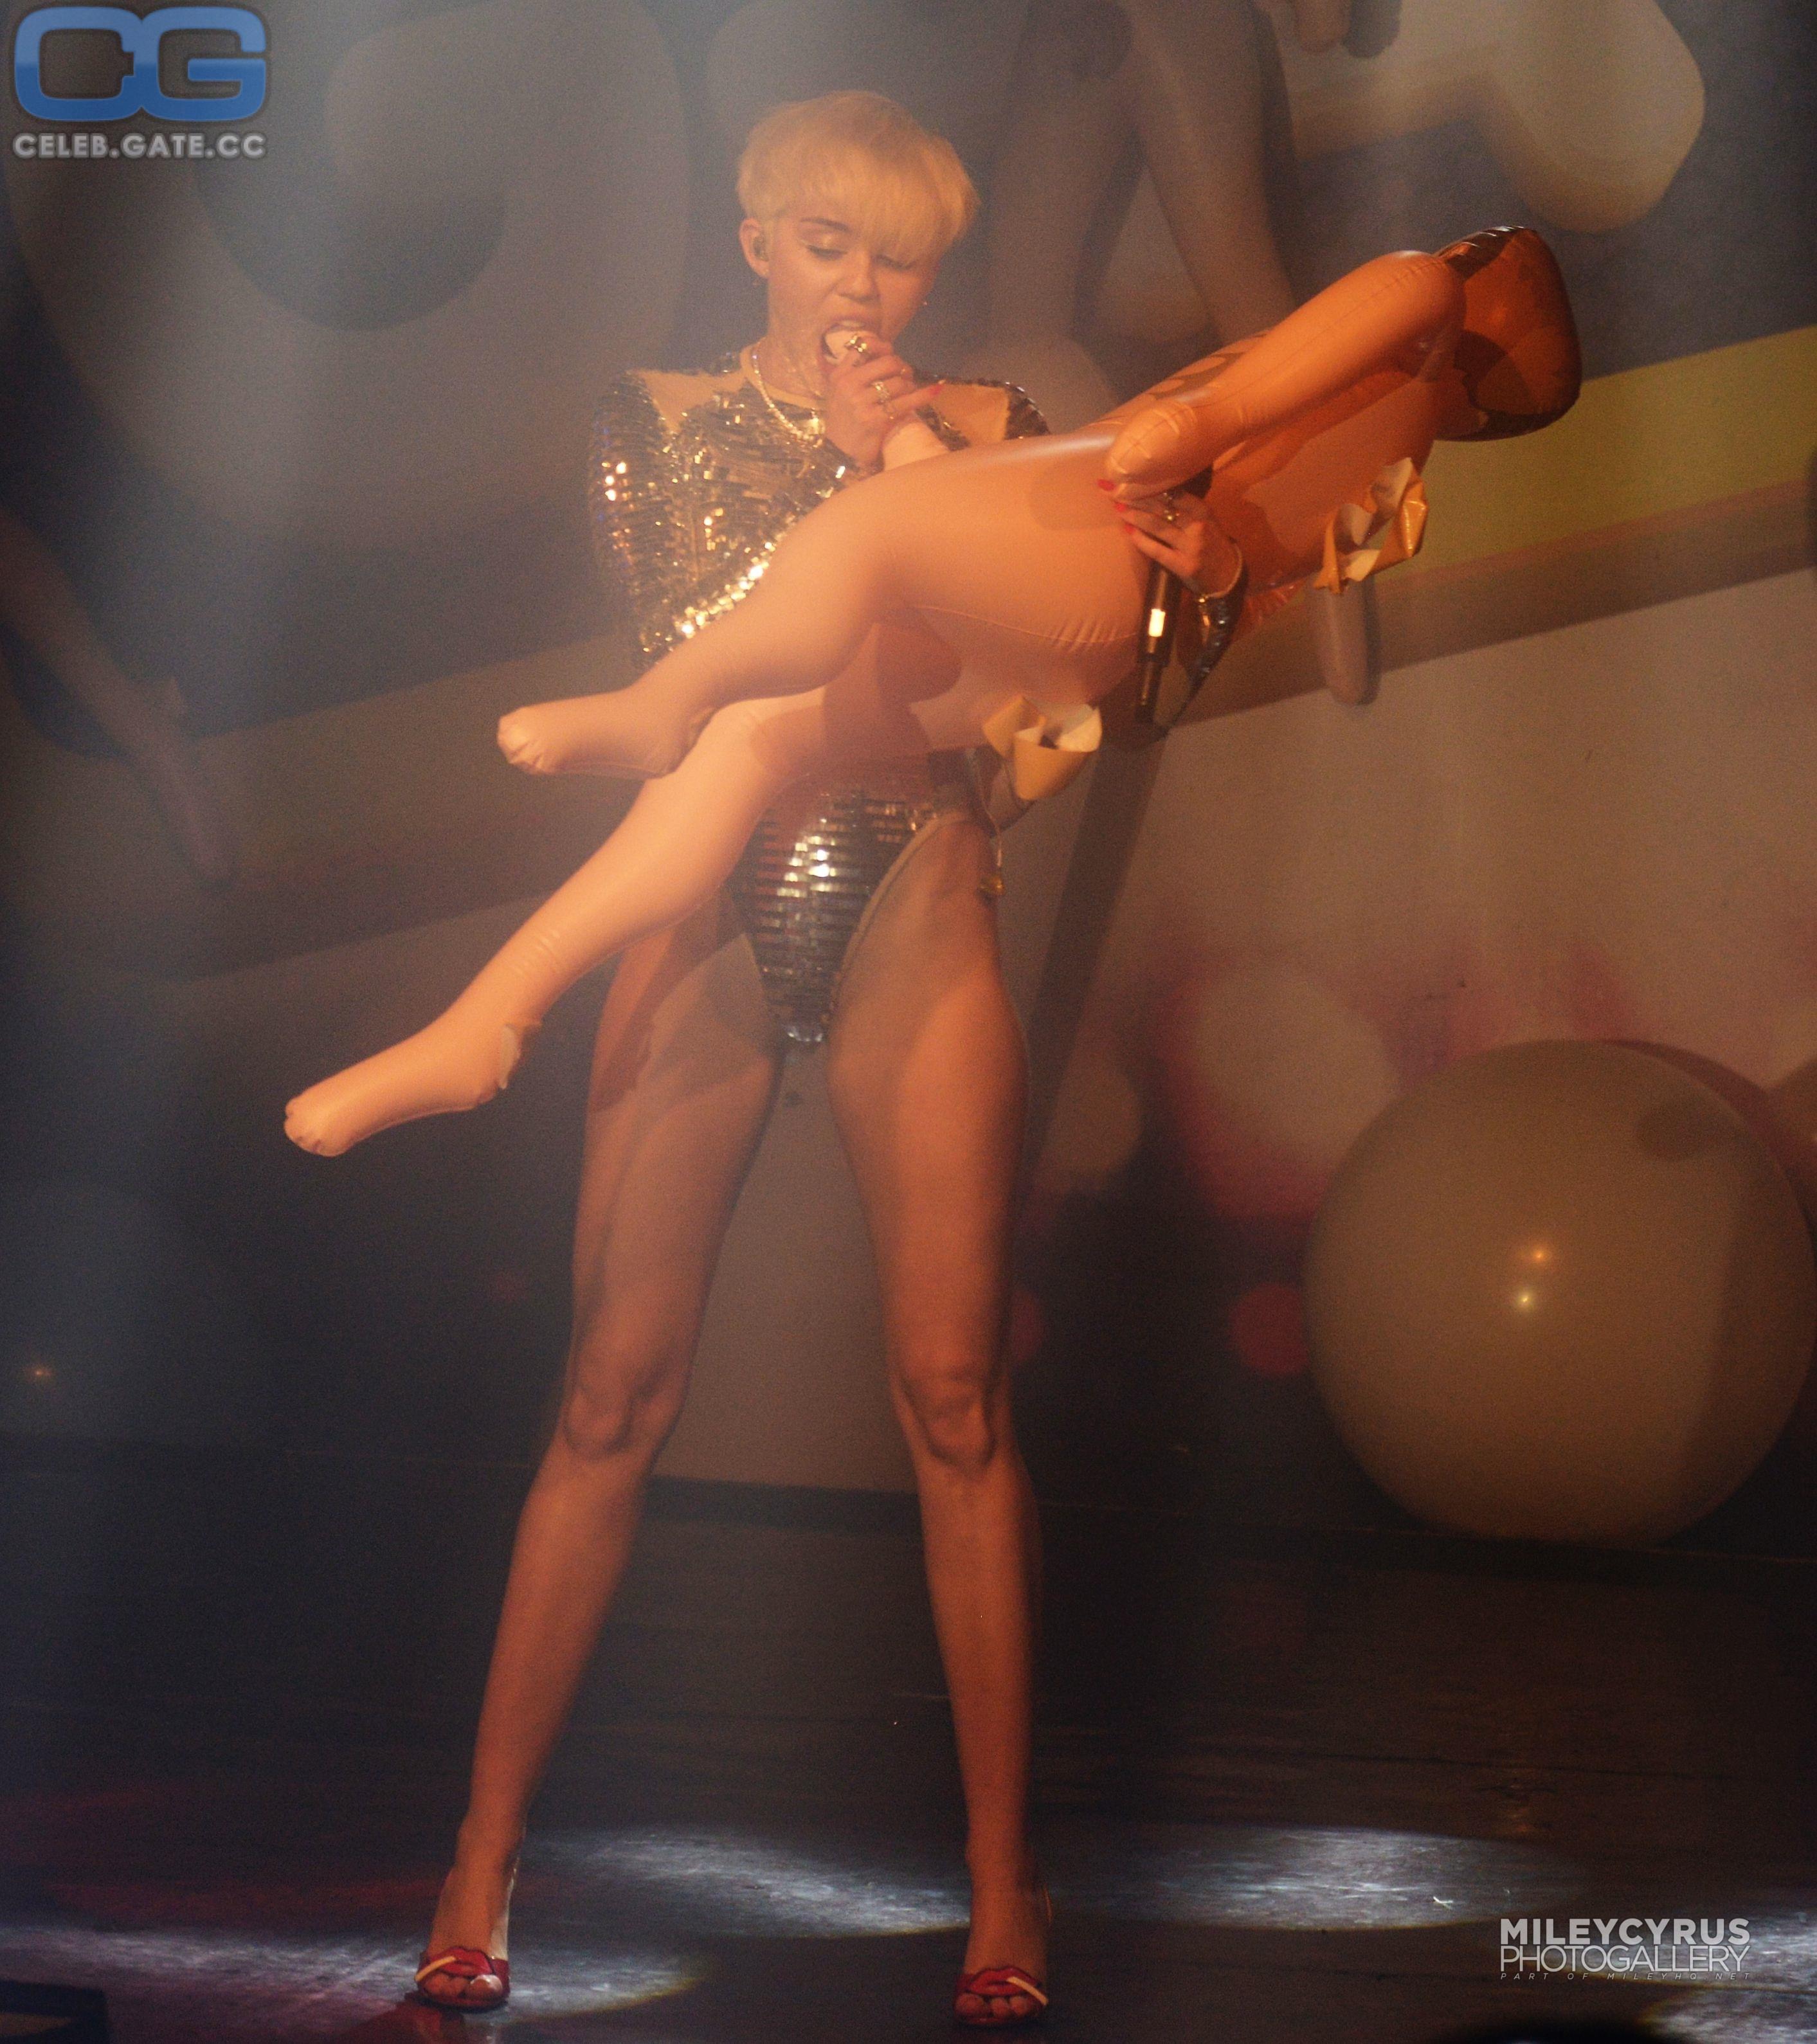 Miley Cyrus Playboy